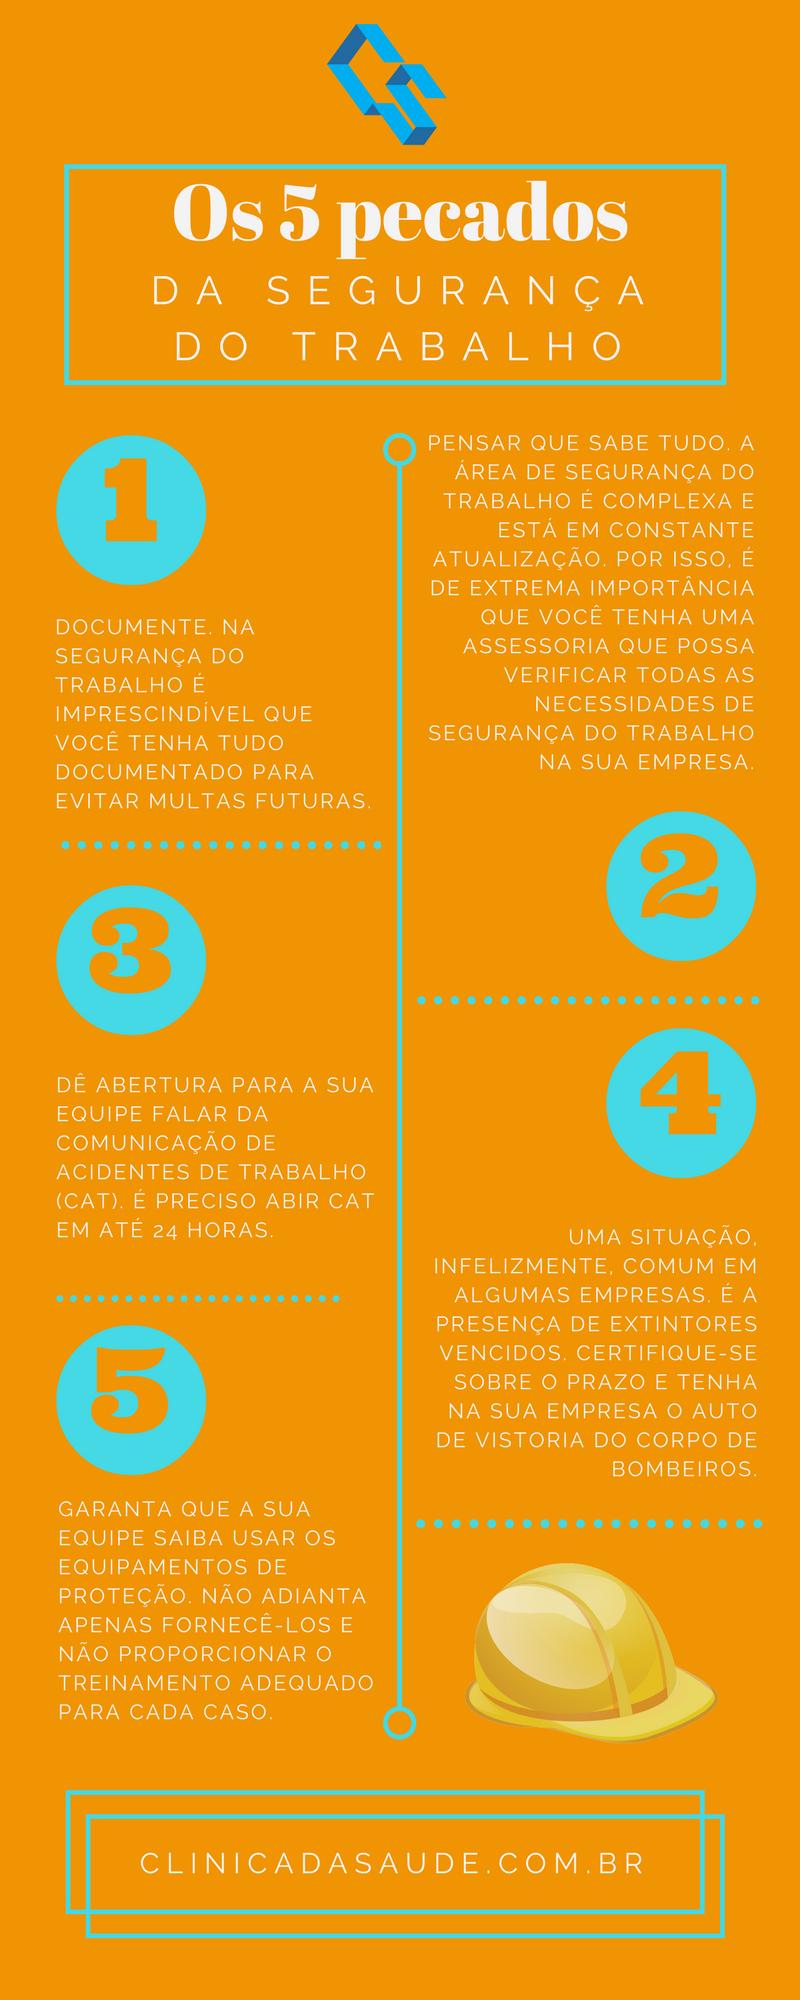 Copy of dicas de ergonomia clinica da saude